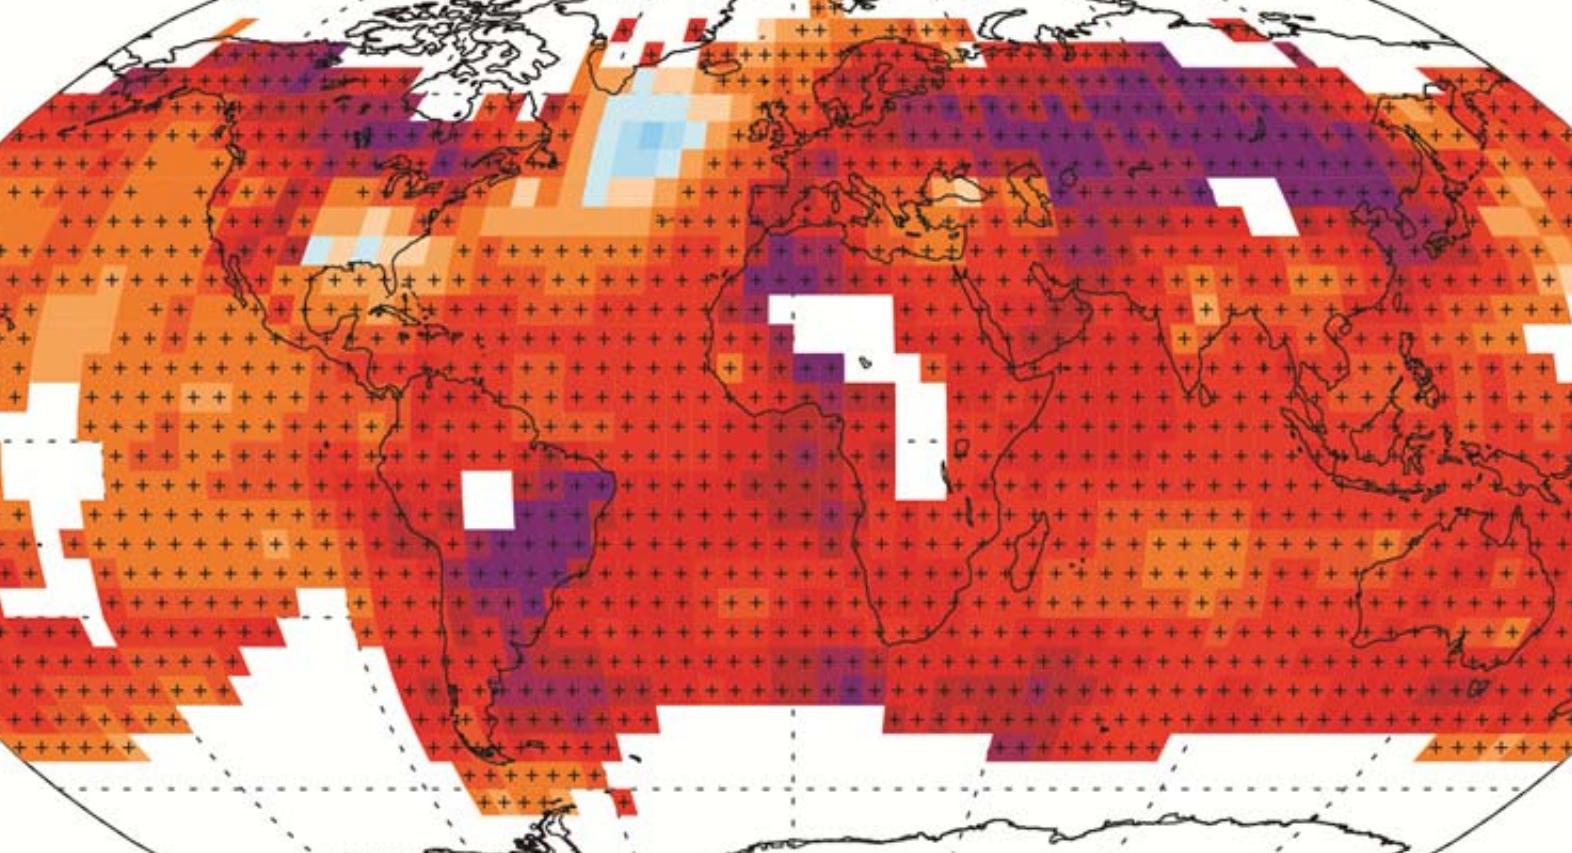 ipcc surface temperatures